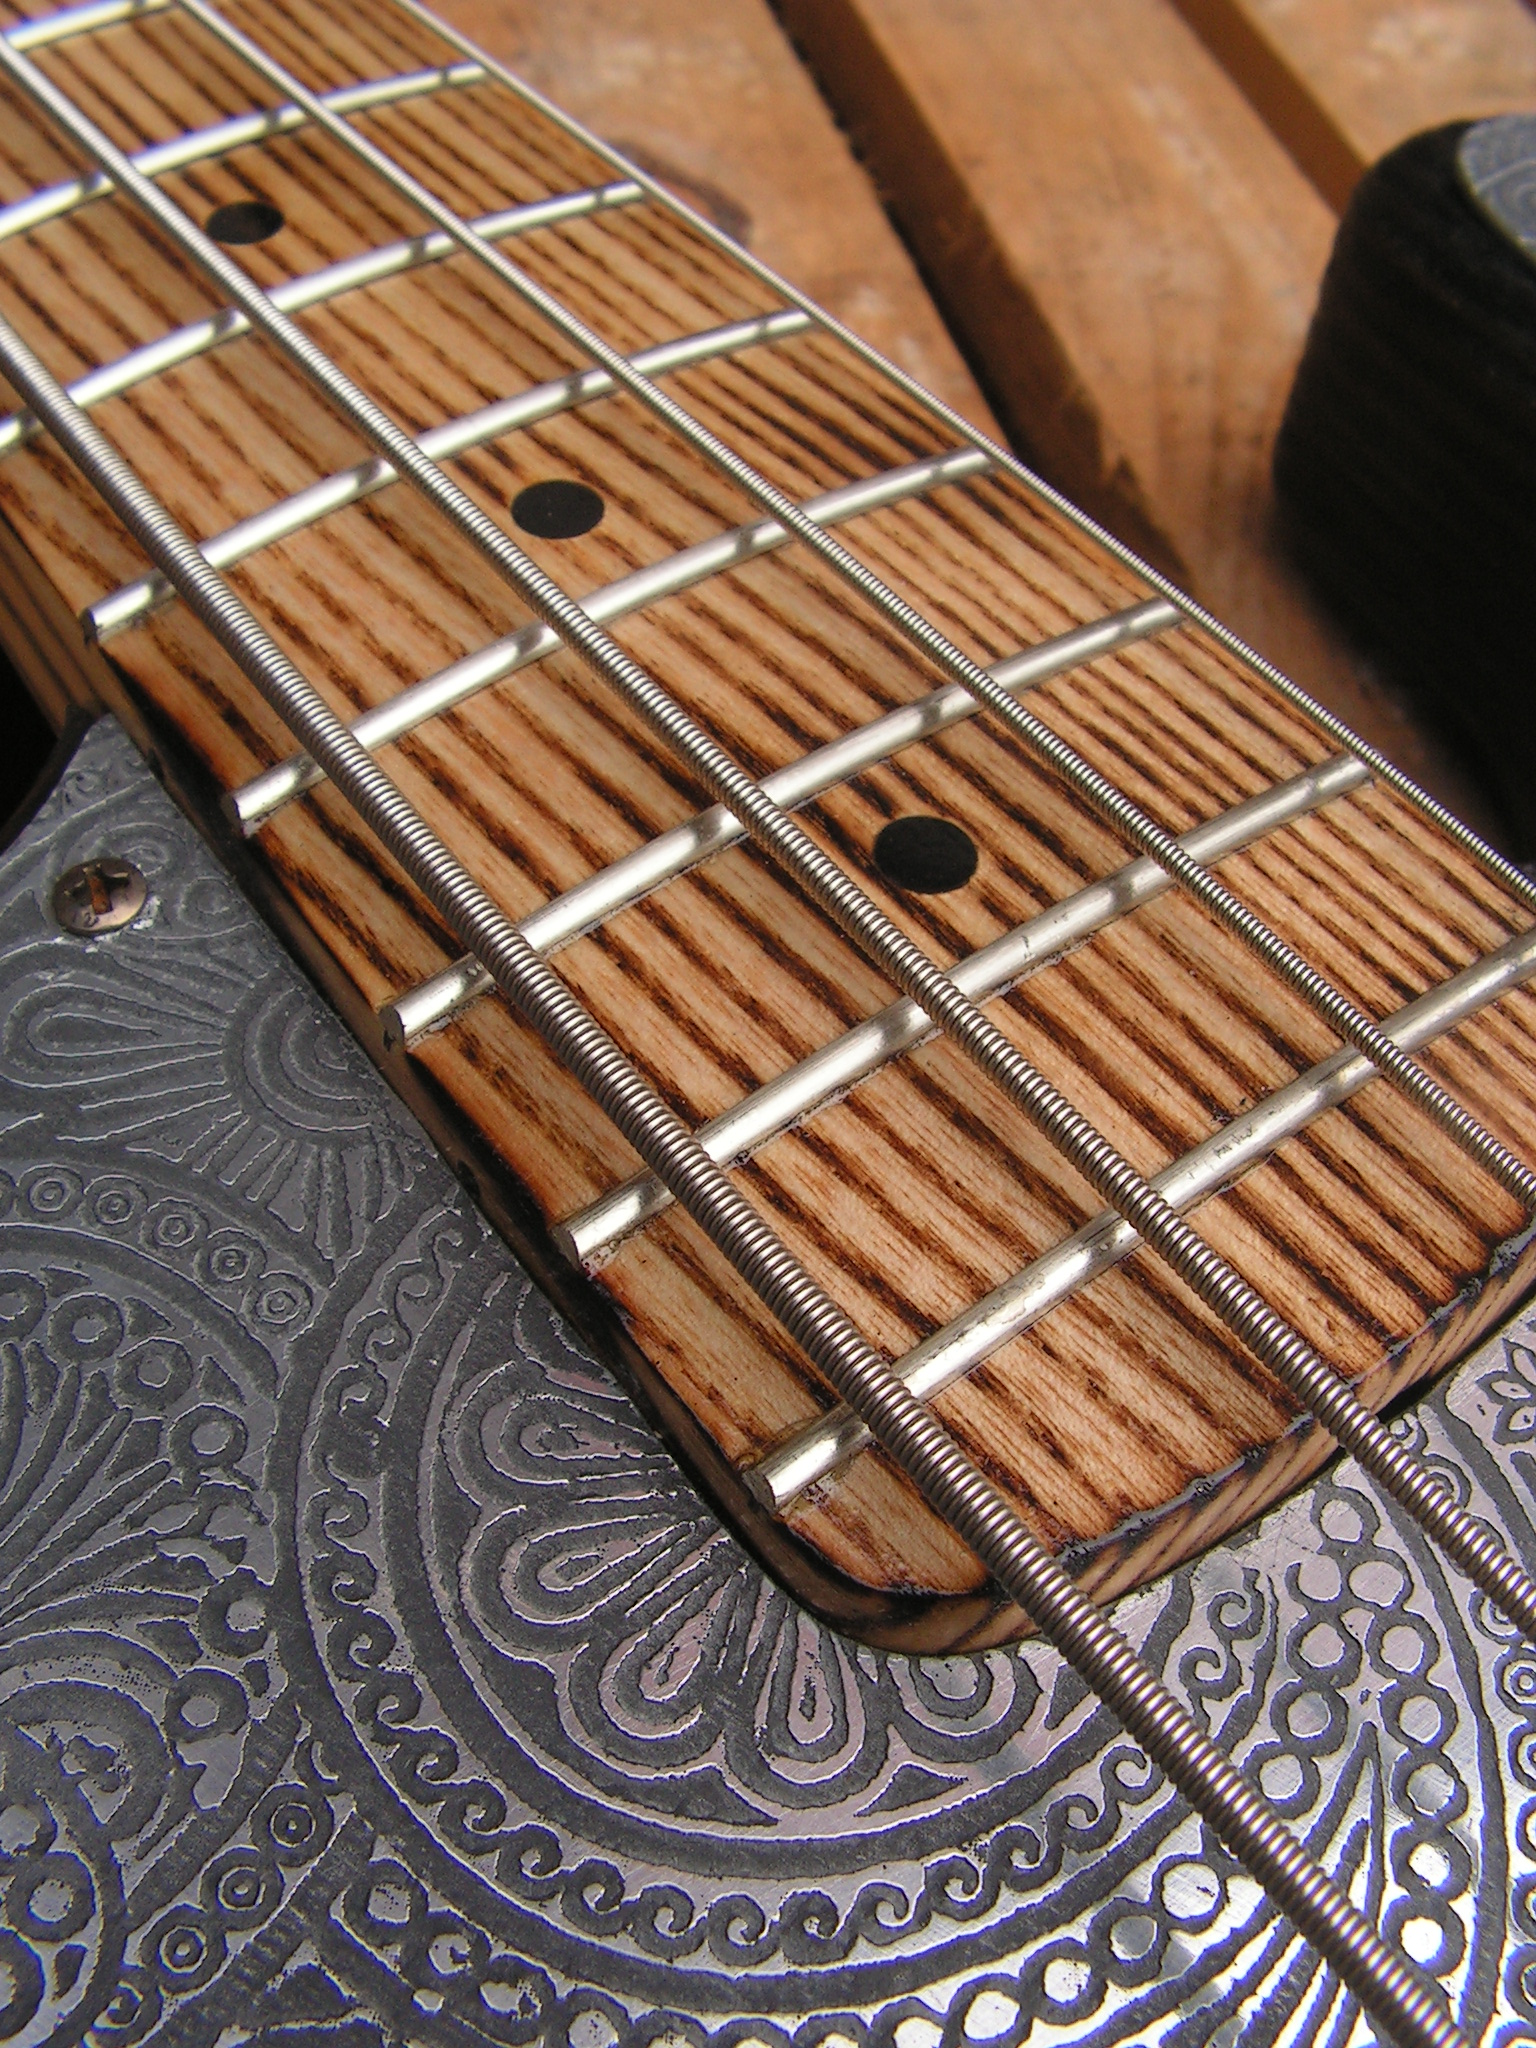 basso Precision 51 in pino tasti